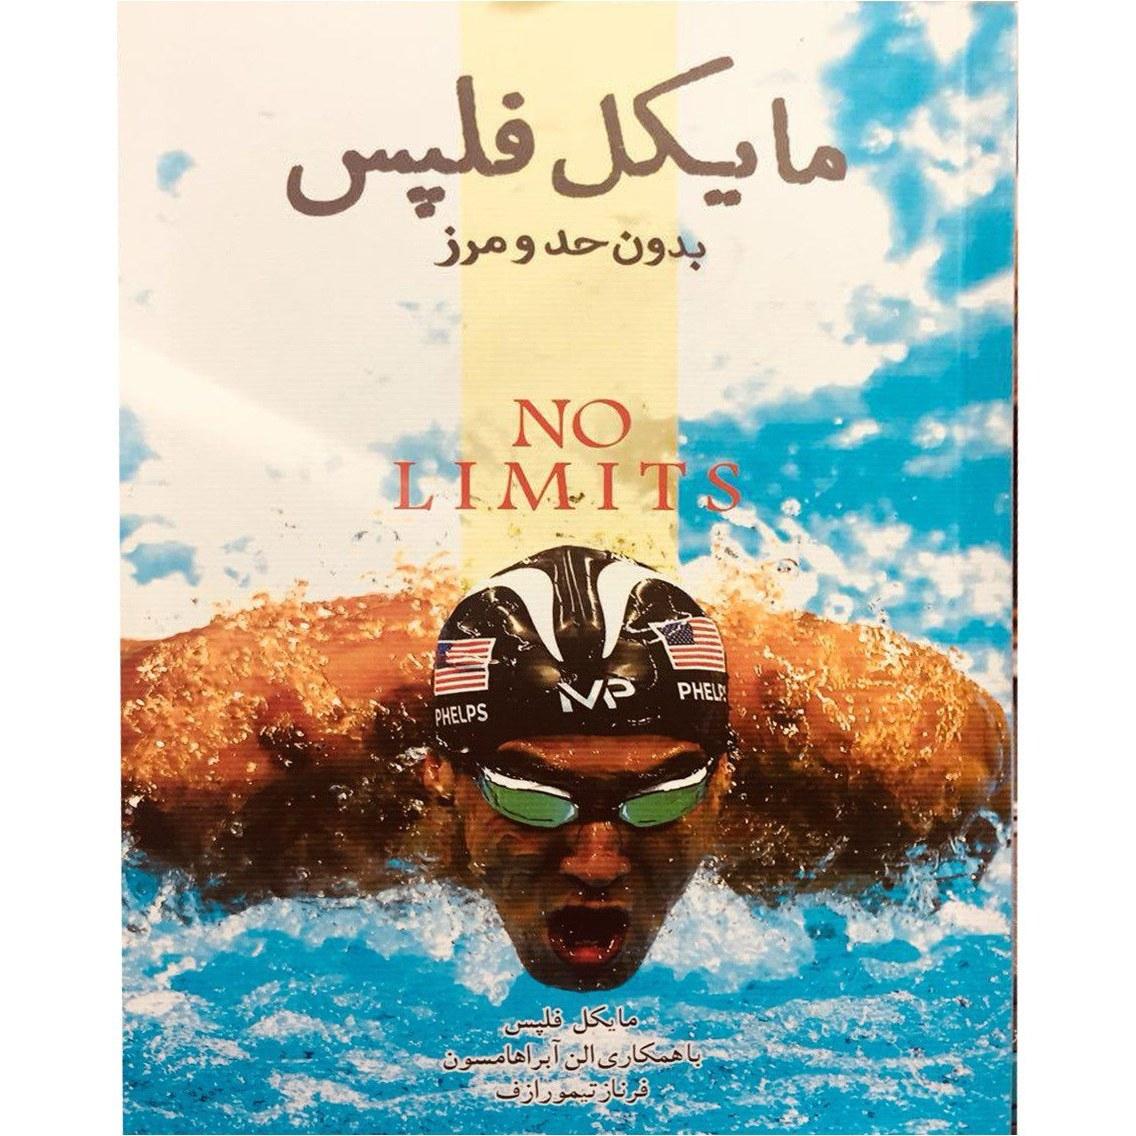 کتاب بدون حد و مرز اثر مايكل فلپس، با همکاری الن آبراهامسون